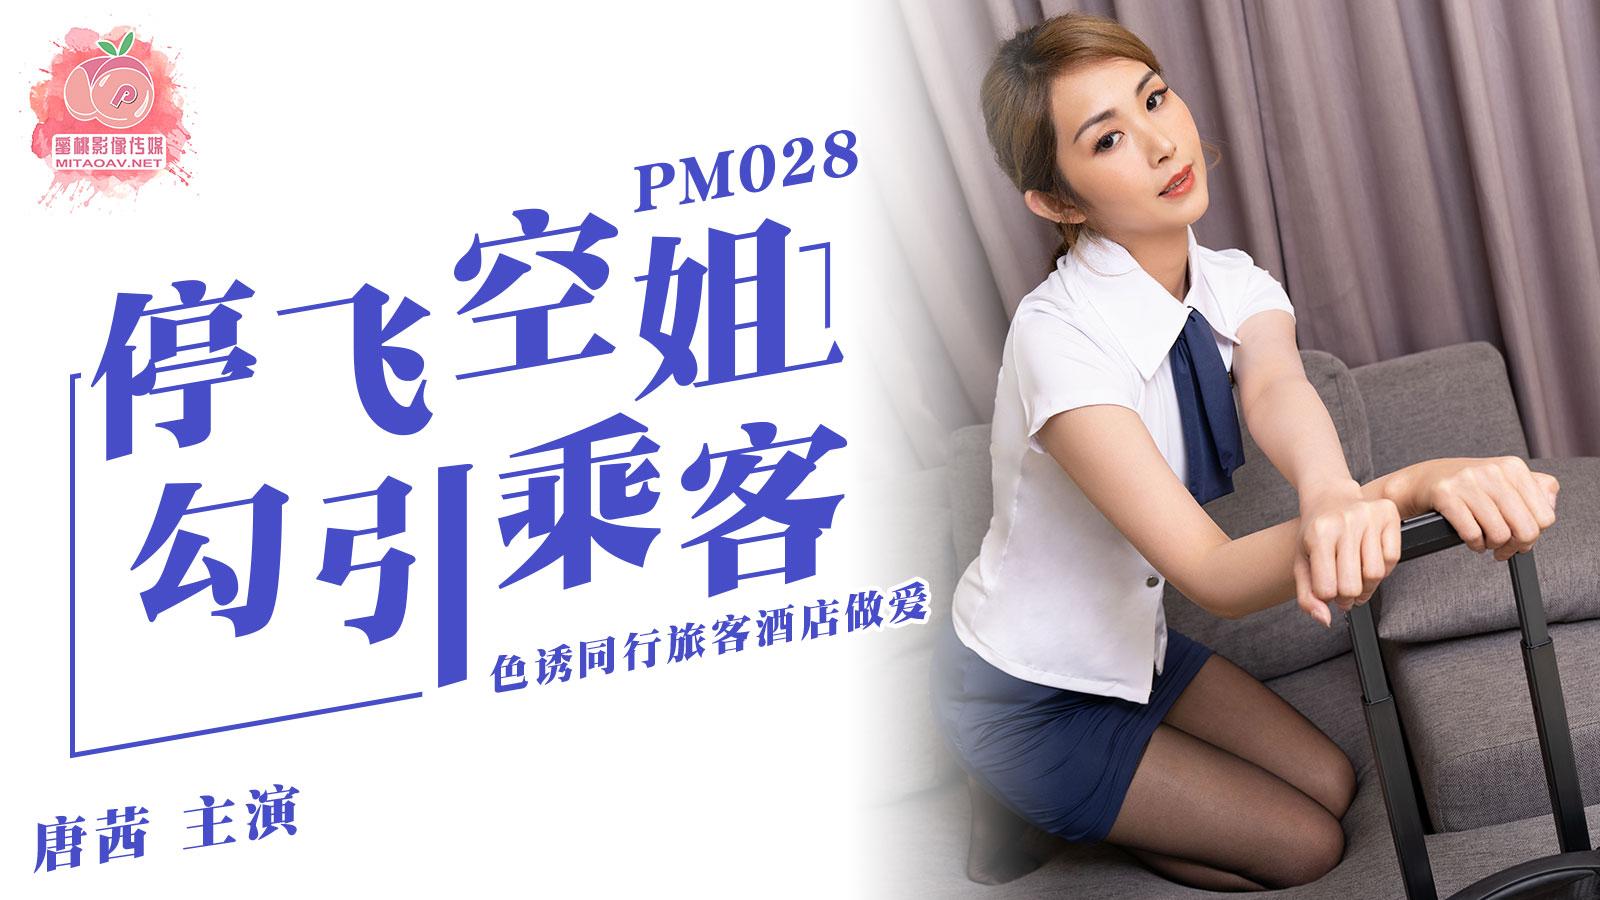 蜜桃传媒PM028停飞空姐勾引乘客-唐茜